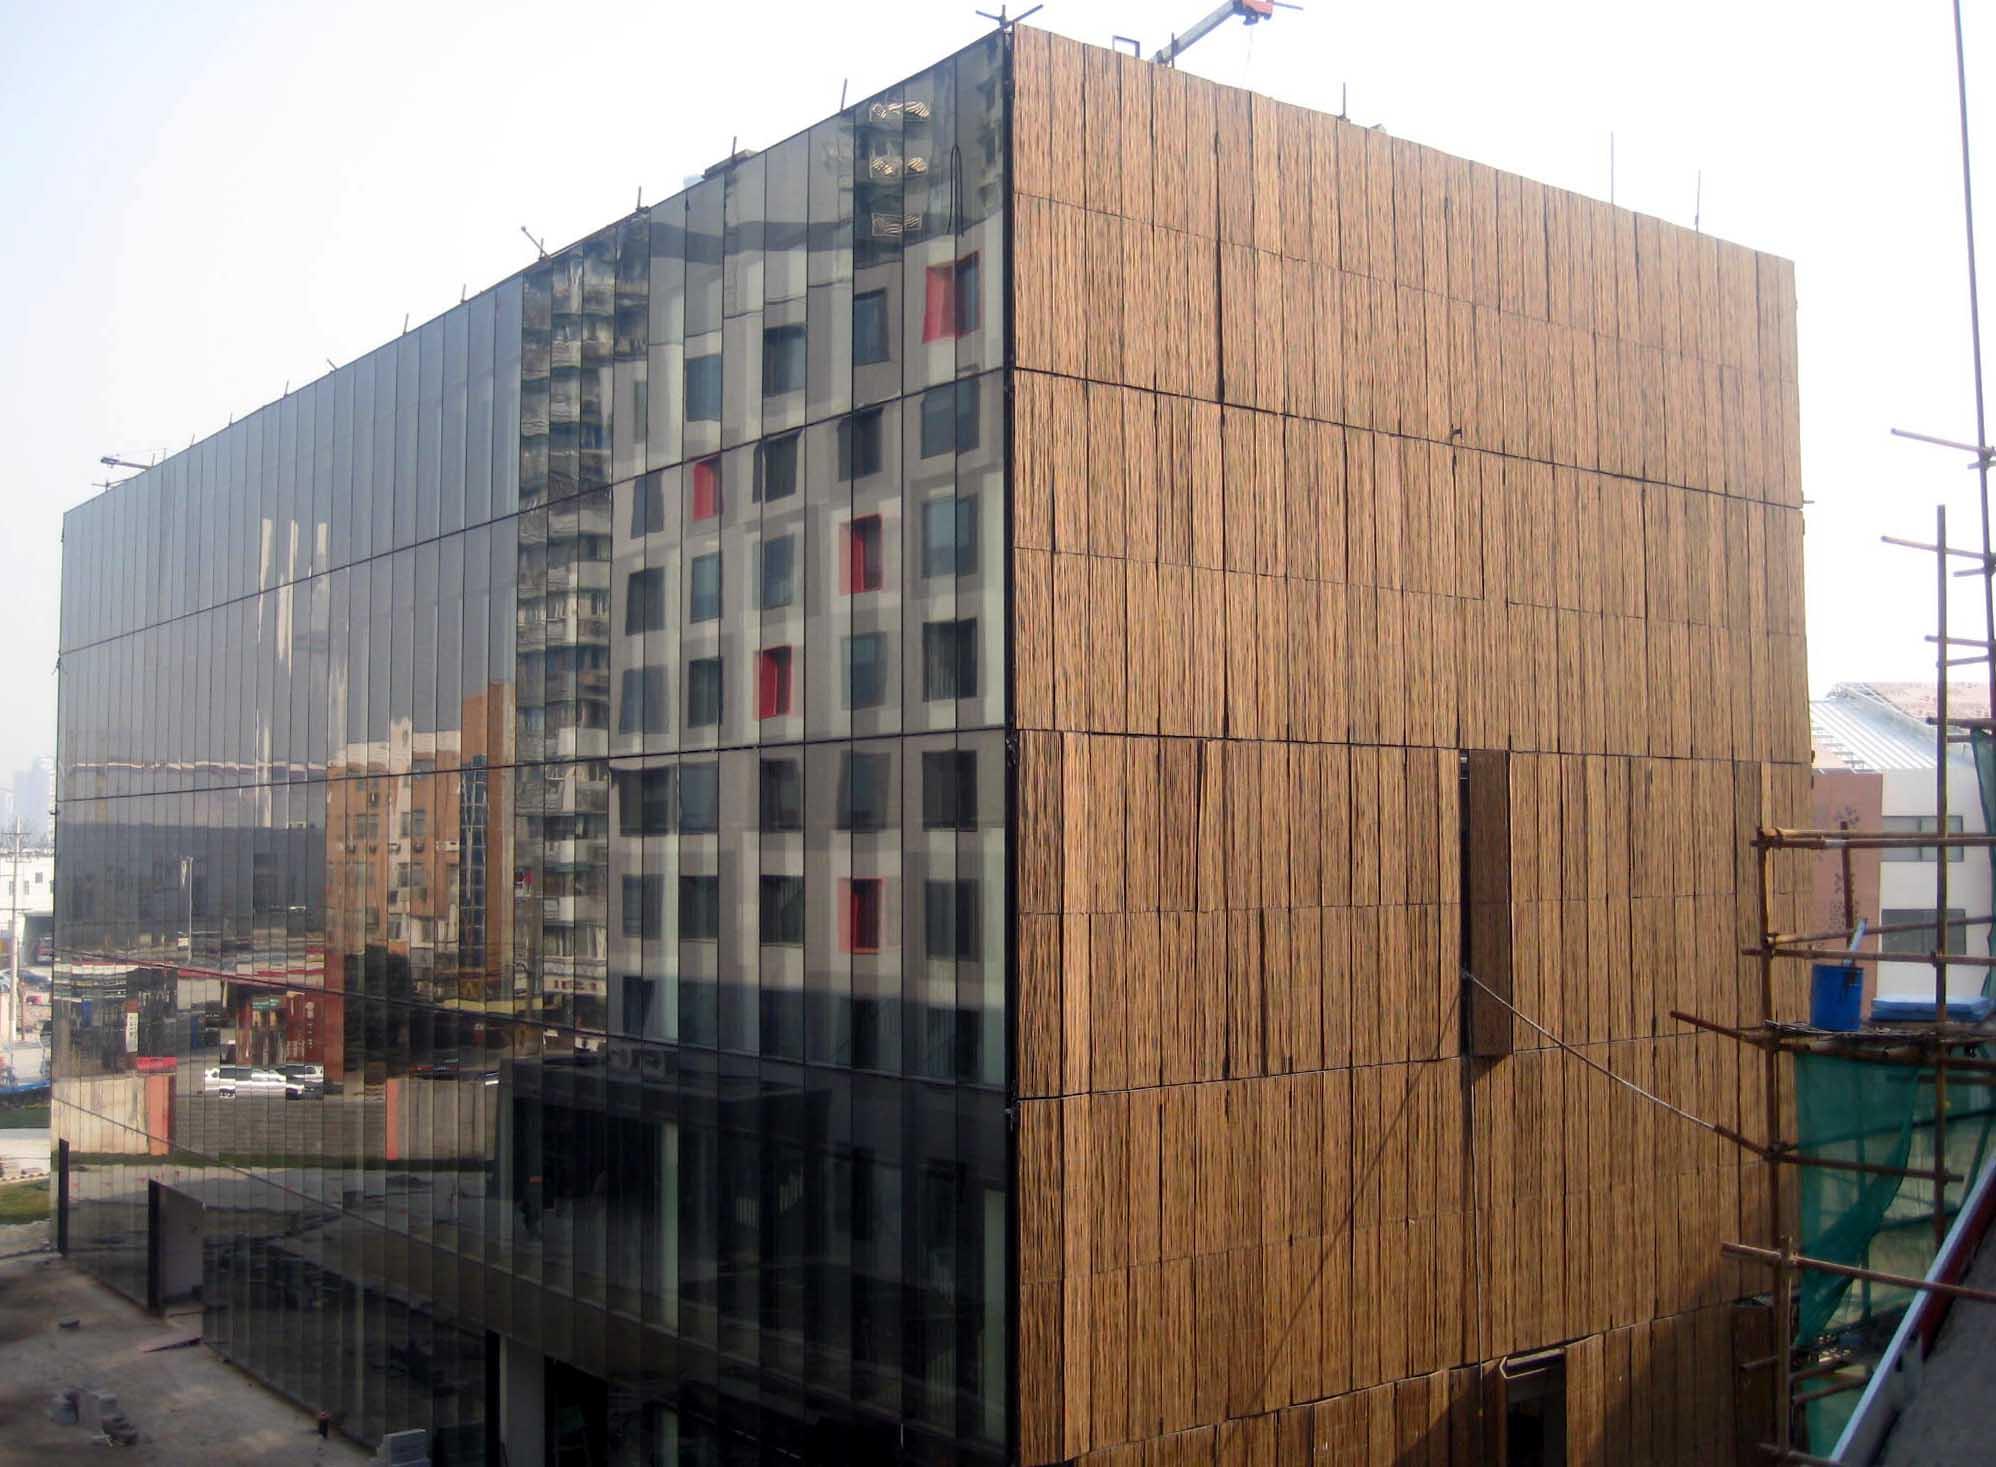 la casa de bamb a punto de estreno ayuntamiento de madrid